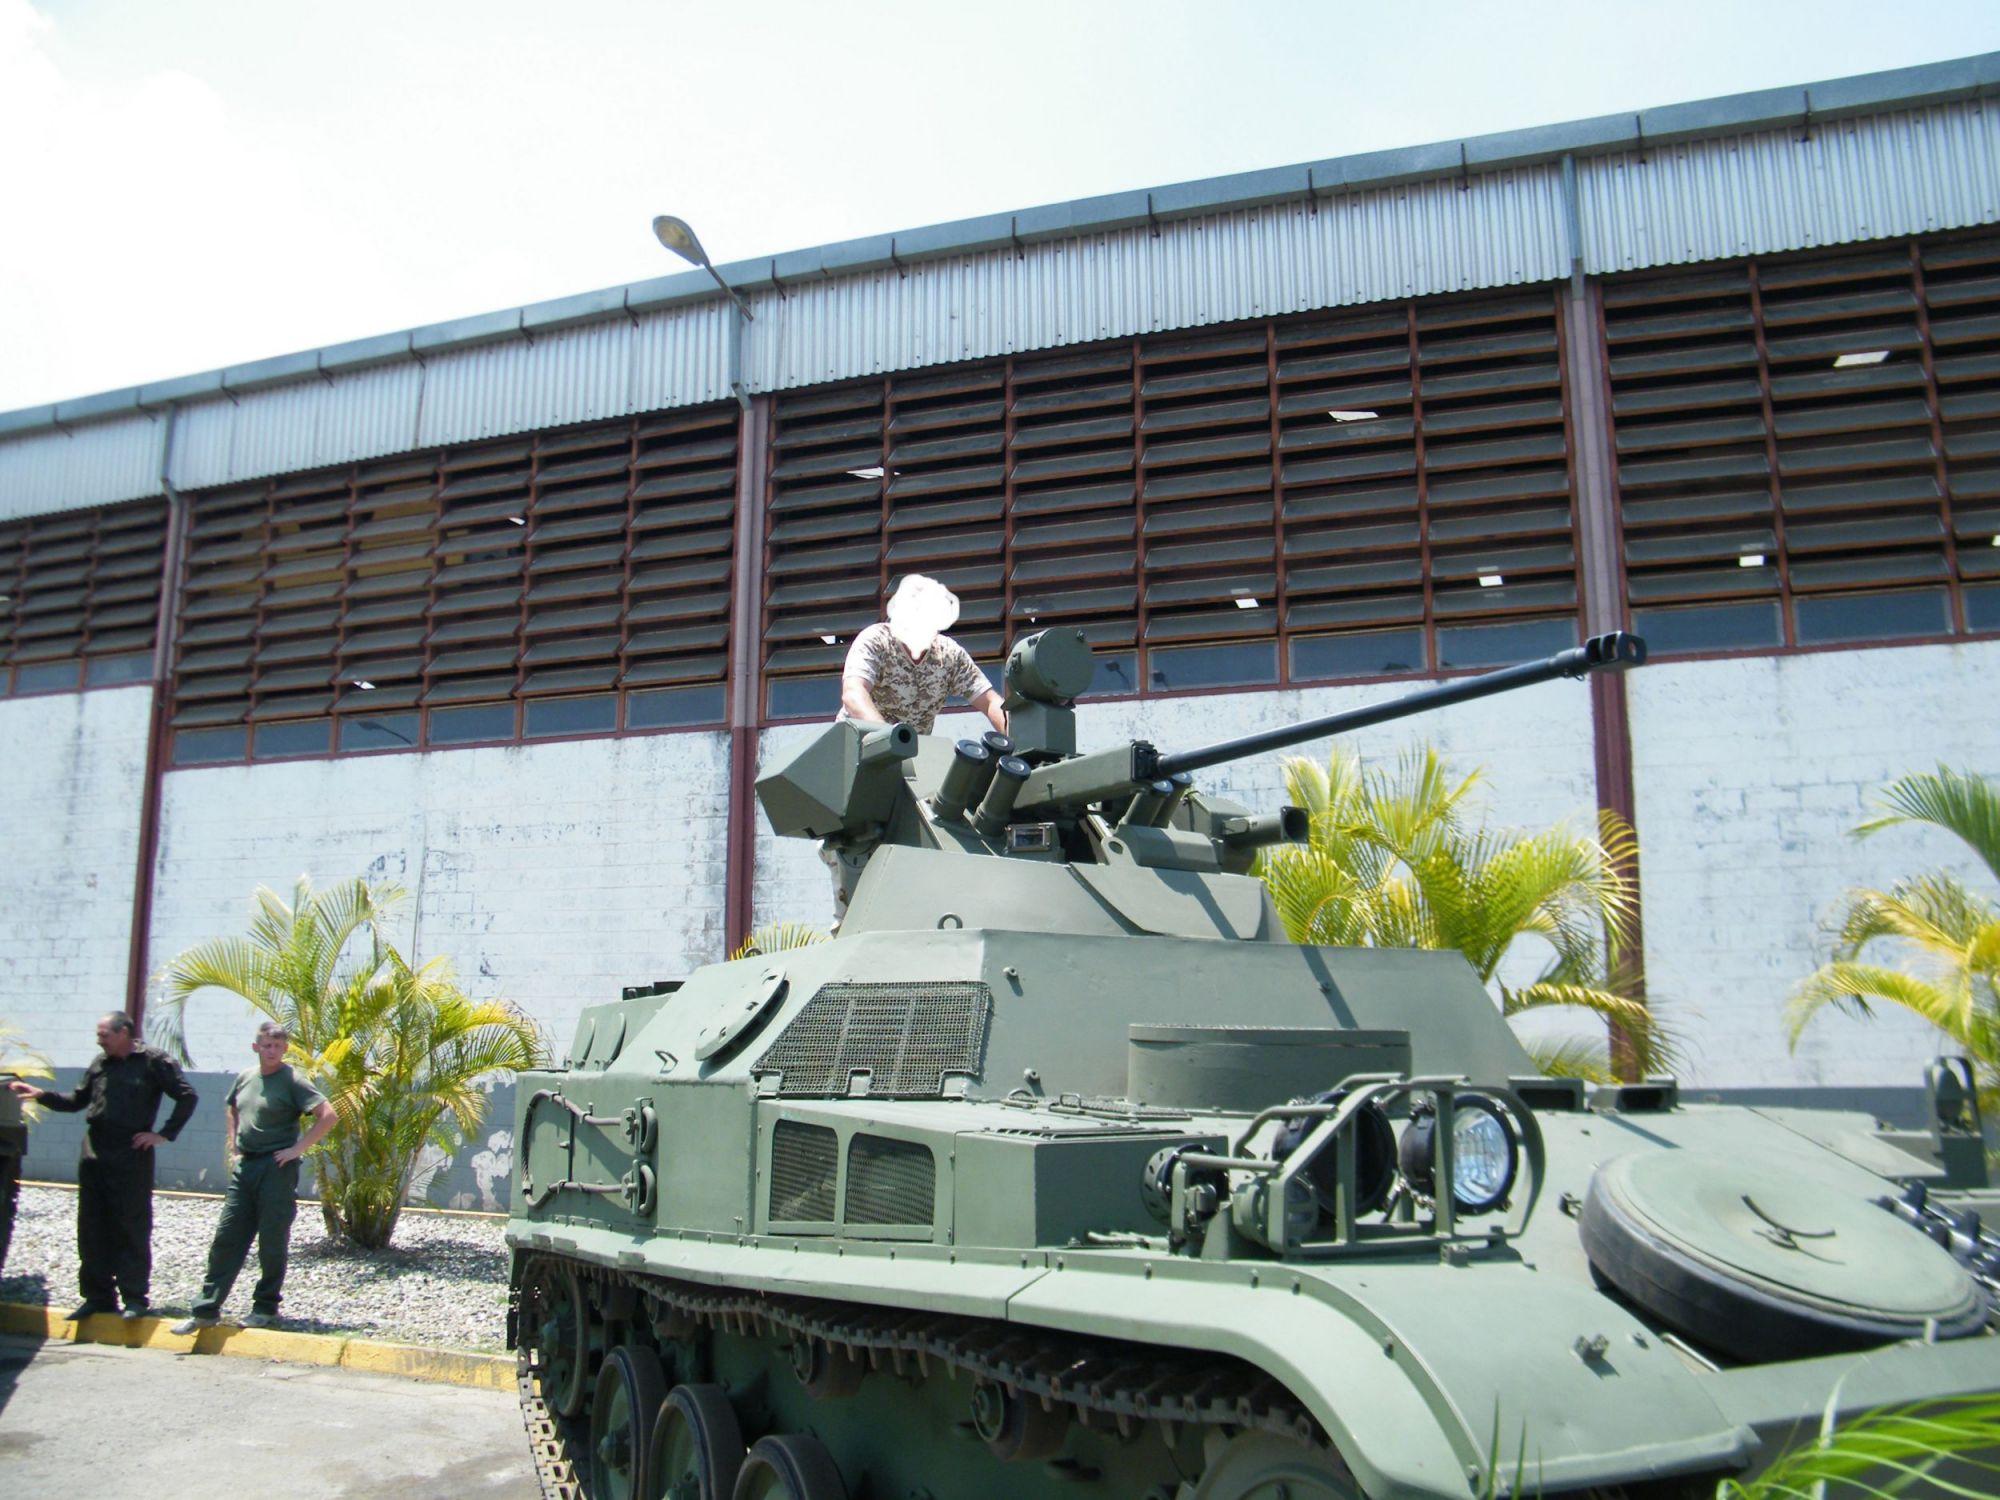 Прототип модернизированного бронетранспортера AMX VTT/VCI венесуэльской армии с установкой российского боевого модуля серии БППУ.